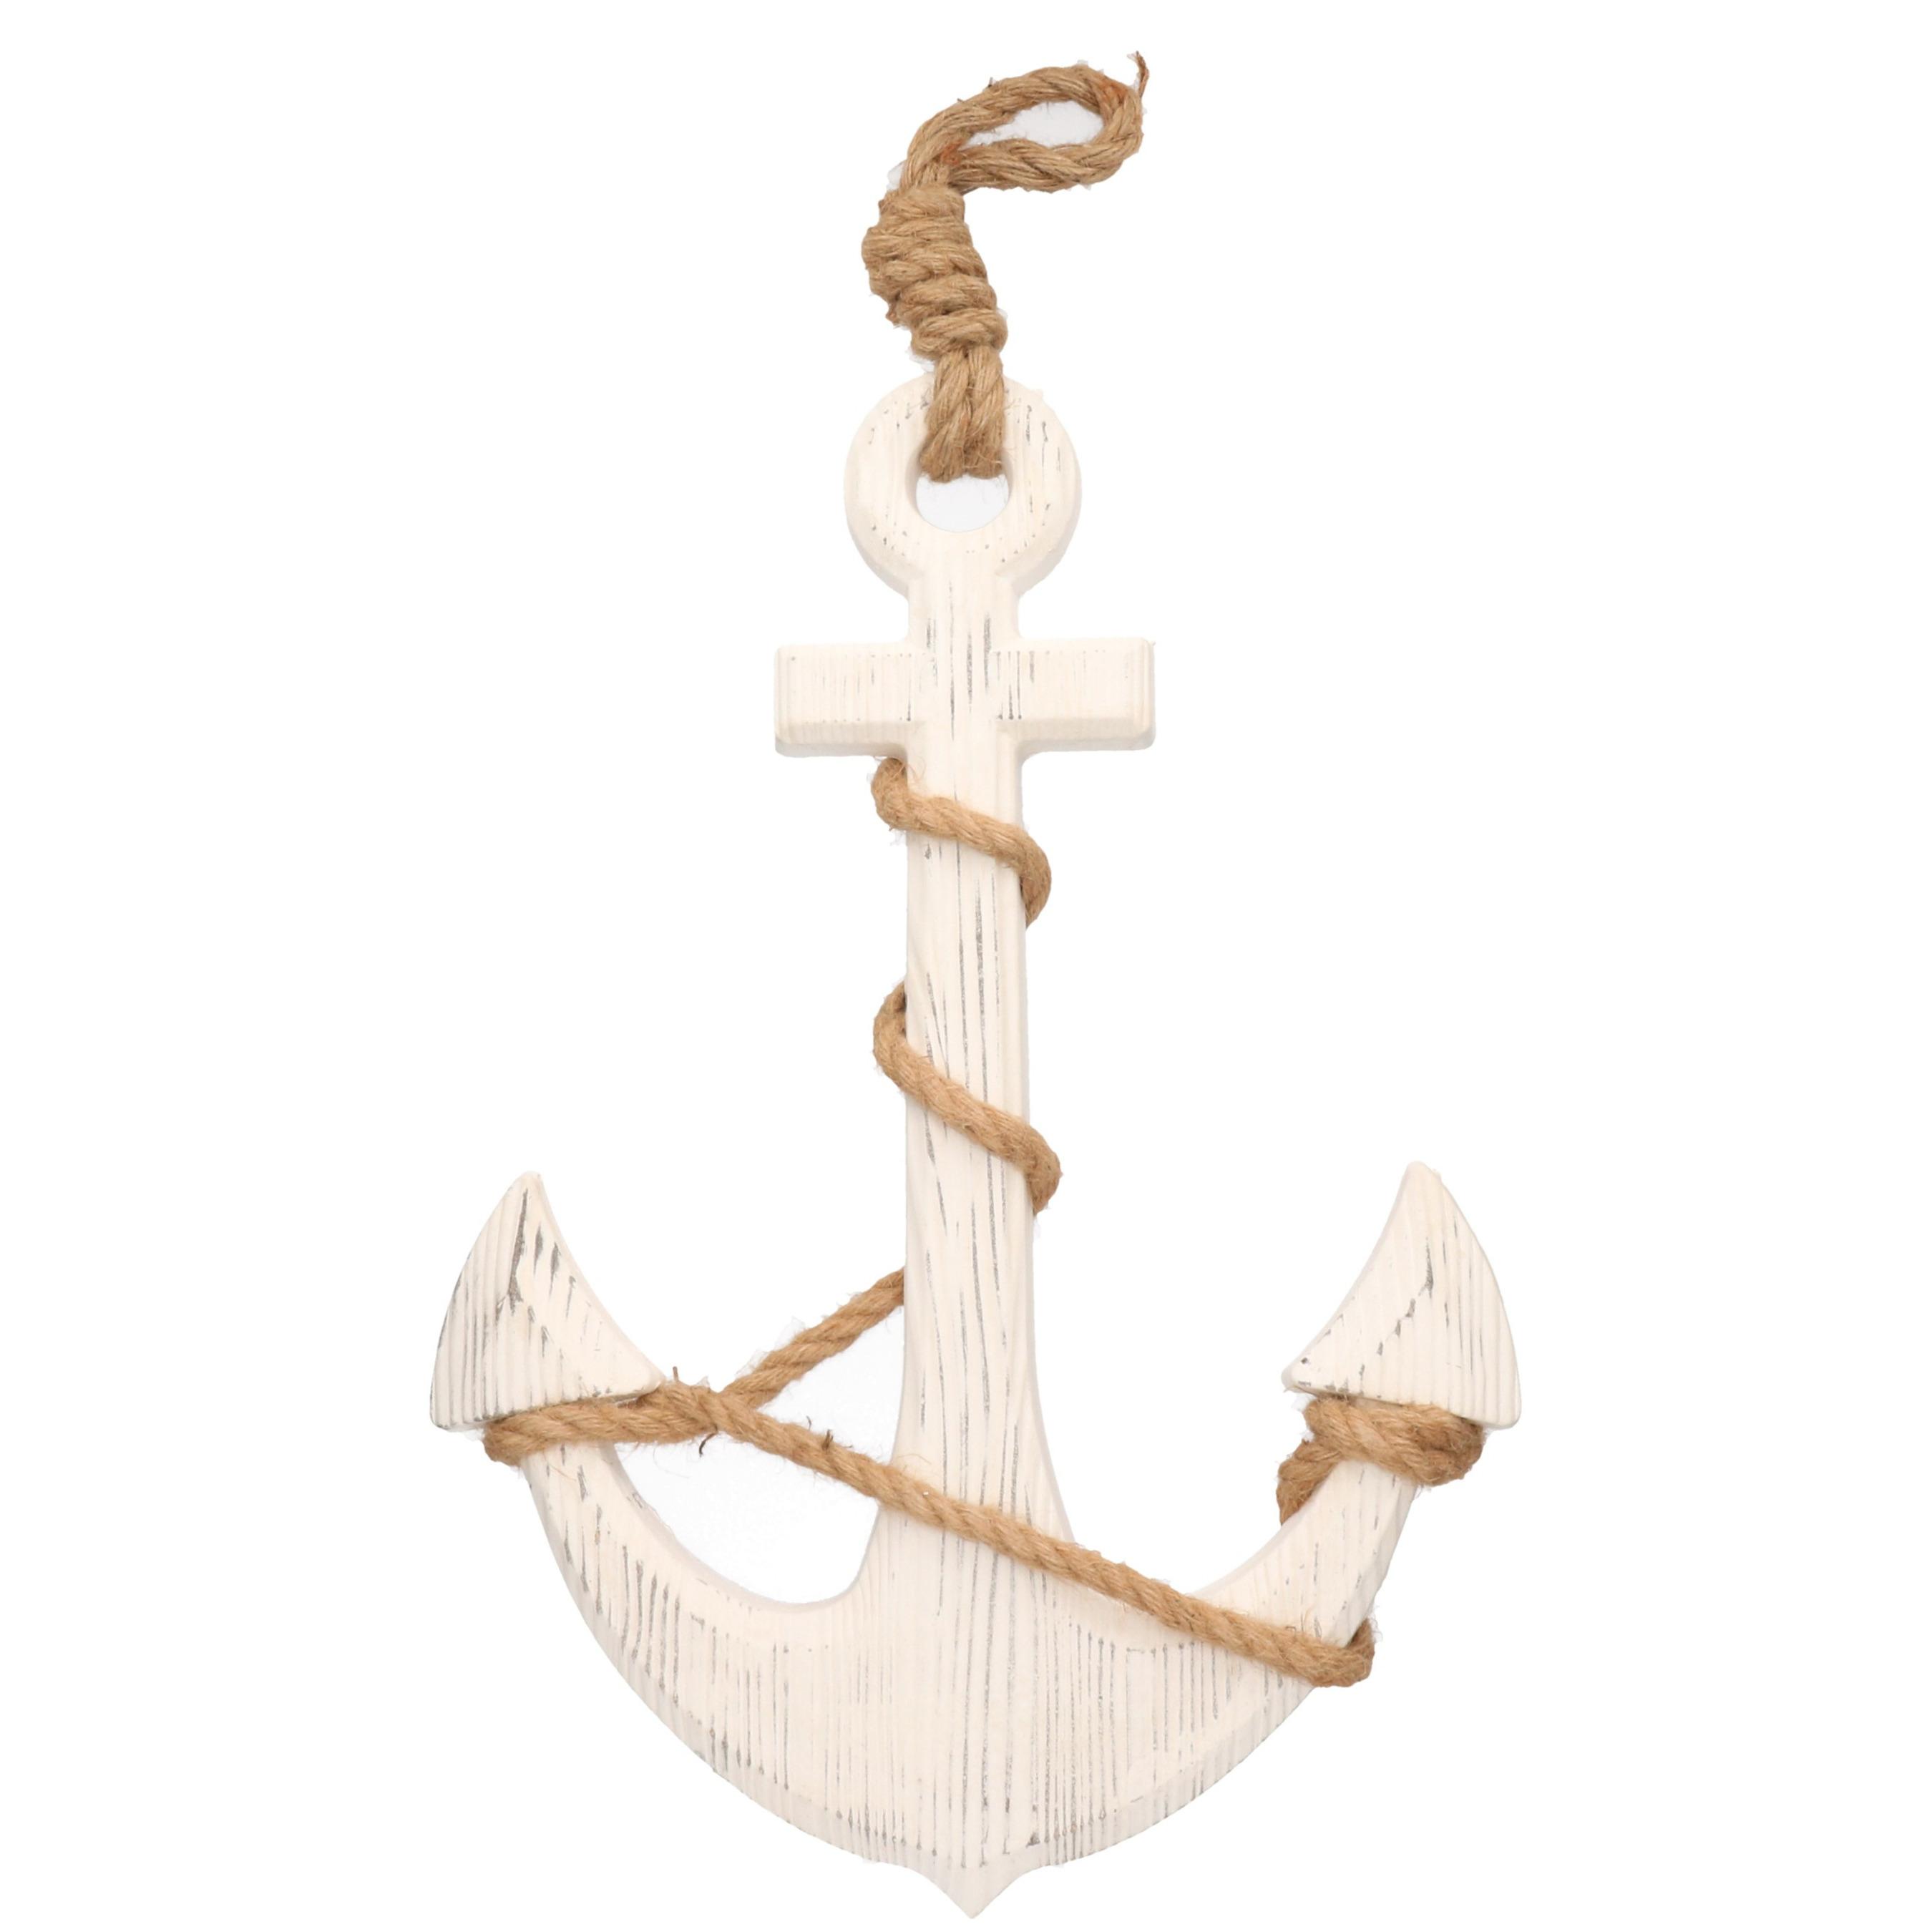 Witte anker decoratie hout 43 x 80 cm strand/zee beelden